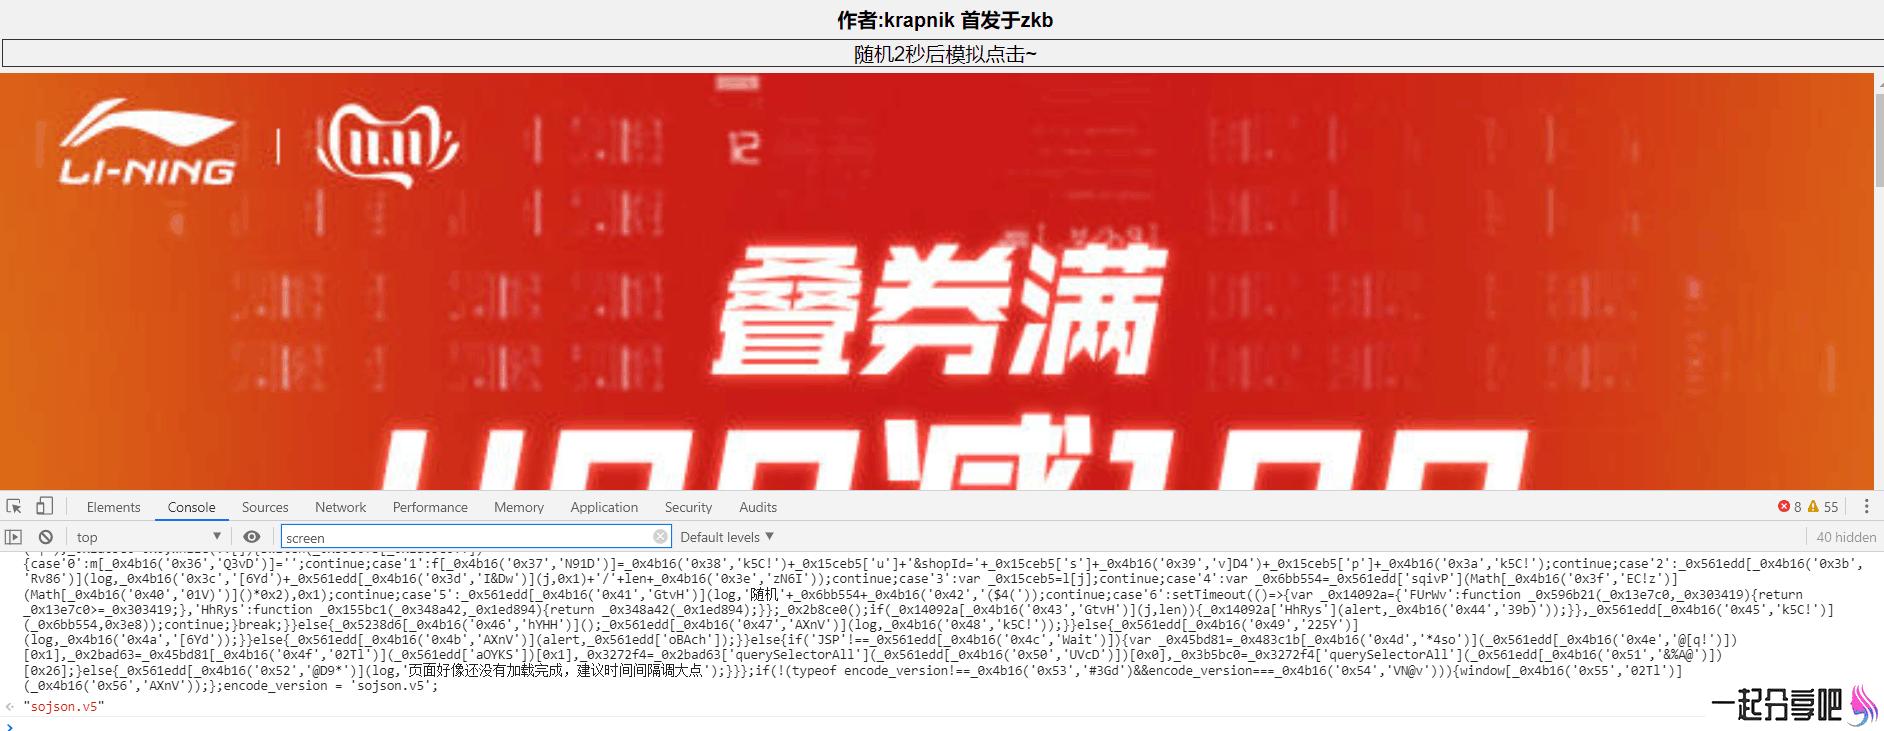 淘宝喵铺pc端脚本(模拟30个店铺,每天可用) 第1张